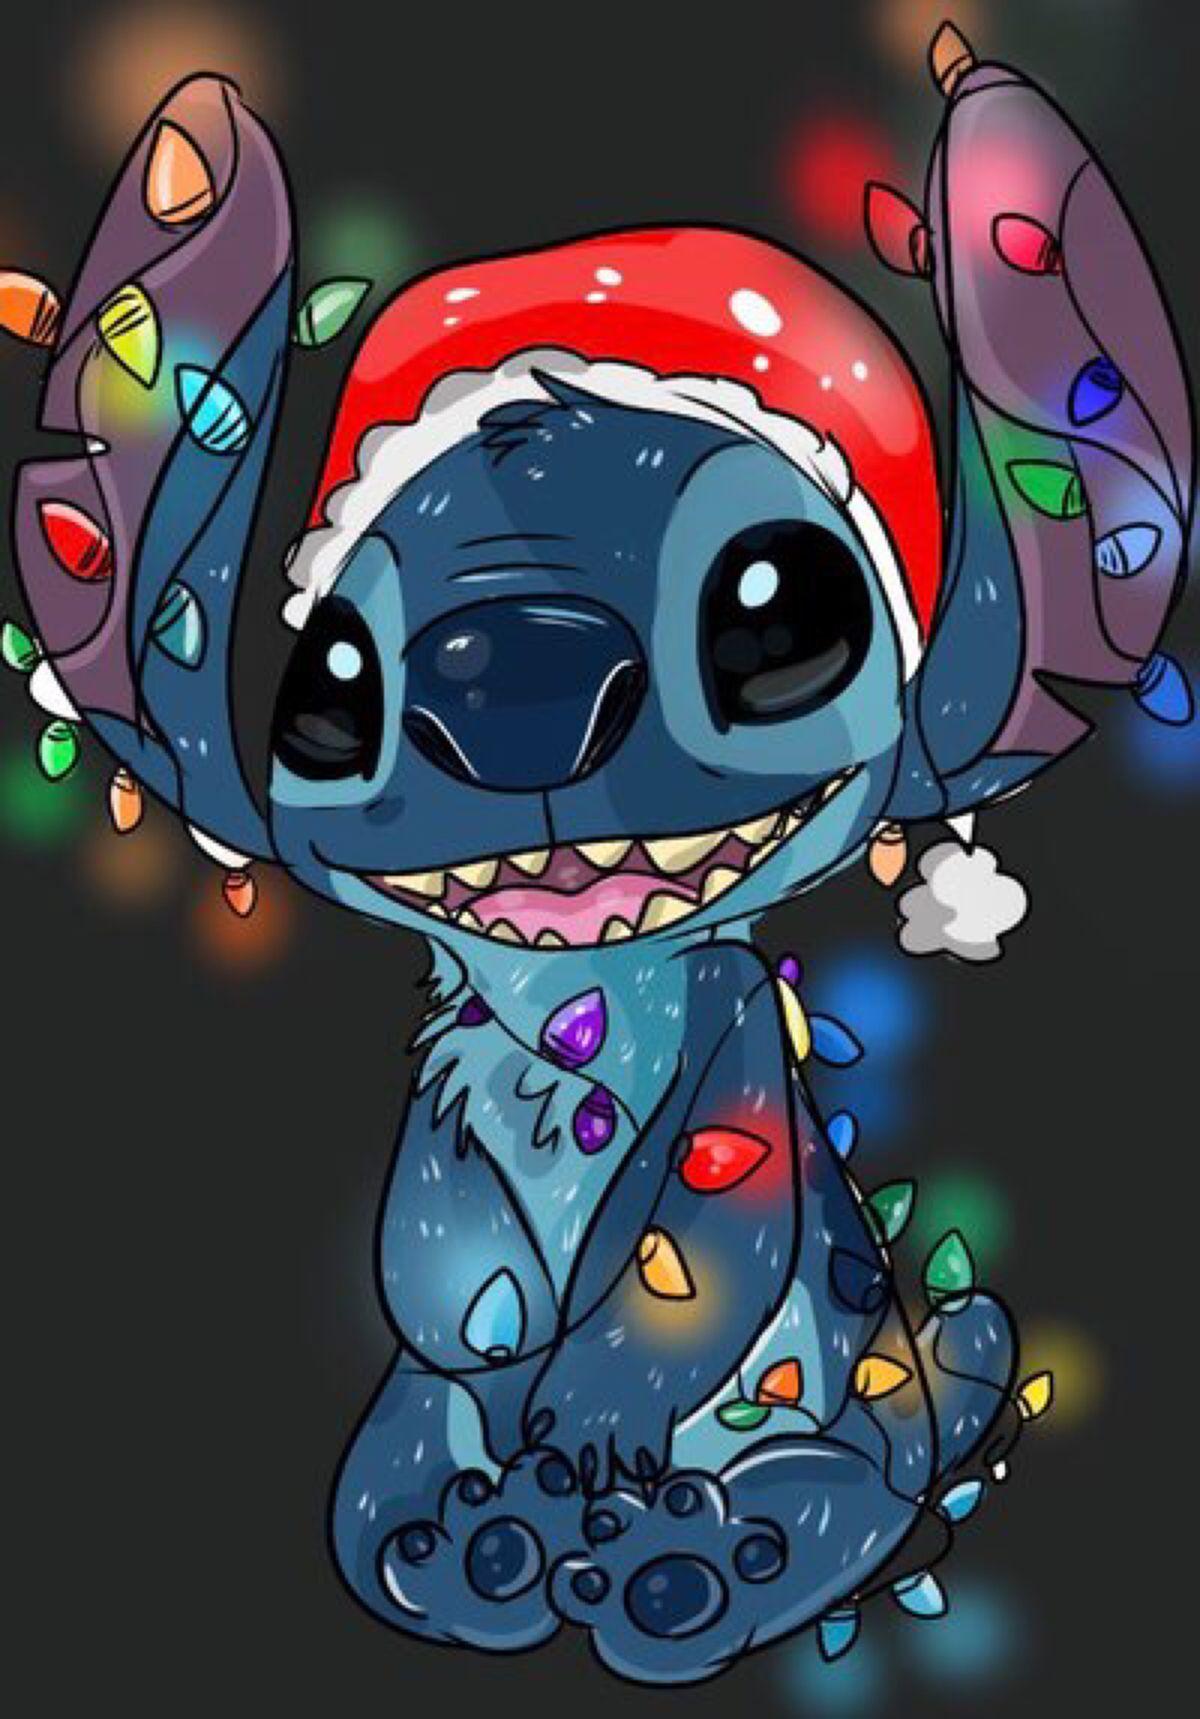 Lilo And Stitch Christmas Wallpaper : stitch, christmas, wallpaper, Christmas, Stitch, Mak8906, @DeviantArt, Cartoon, Wallpaper, Iphone,, Iphone, Christmas,, Drawing